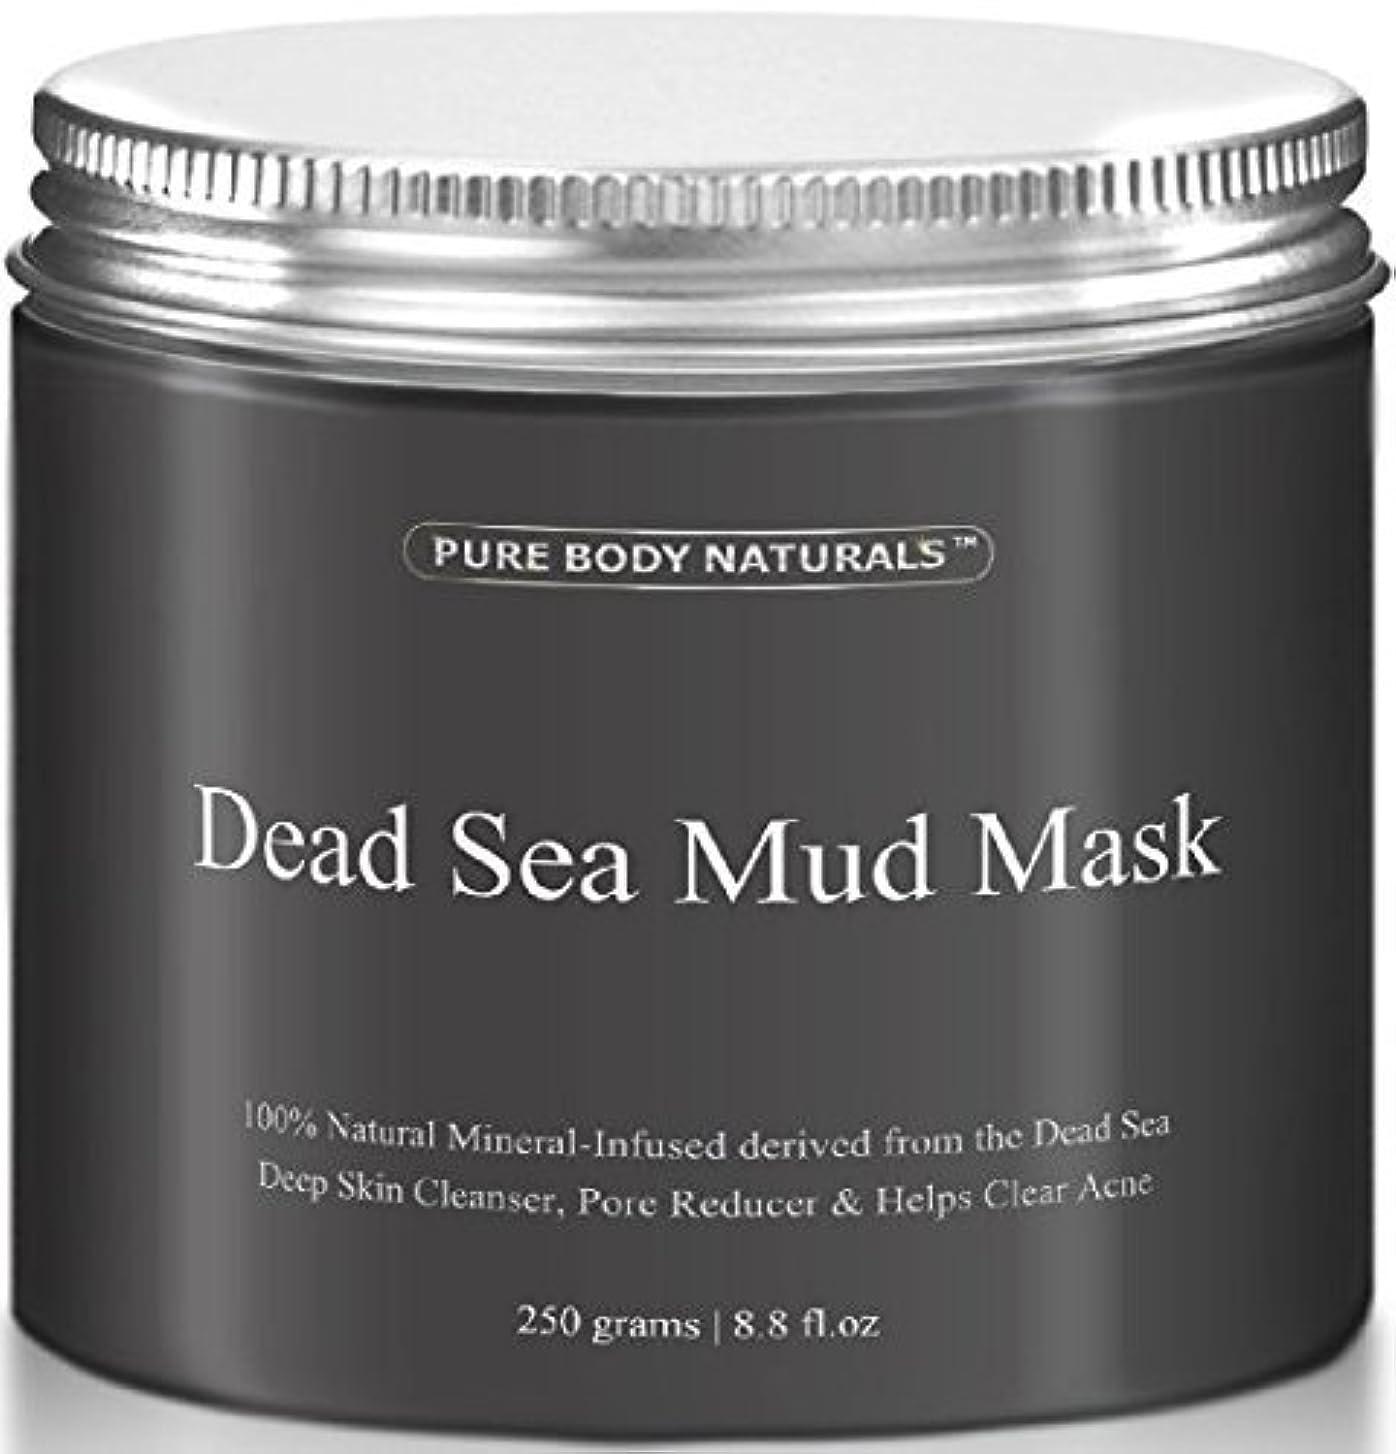 熟す状況崩壊Dead Sea Mud Mask 死海の泥マスク 250g [並行輸入品]